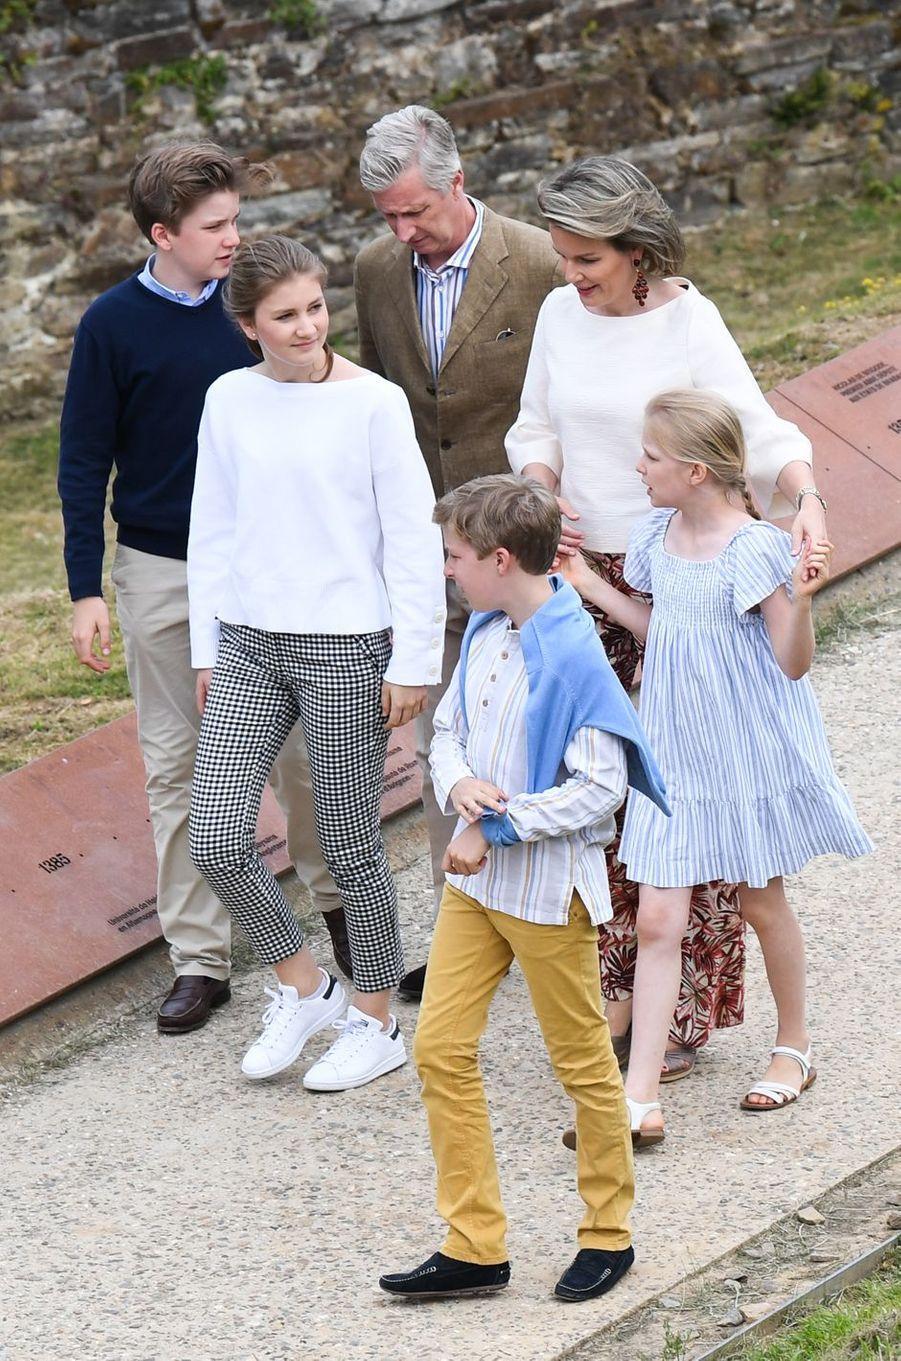 La reine Mathilde et le roi des Belges Philippe avec leurs enfants à Villers-la-Ville, le 24 juin 2018